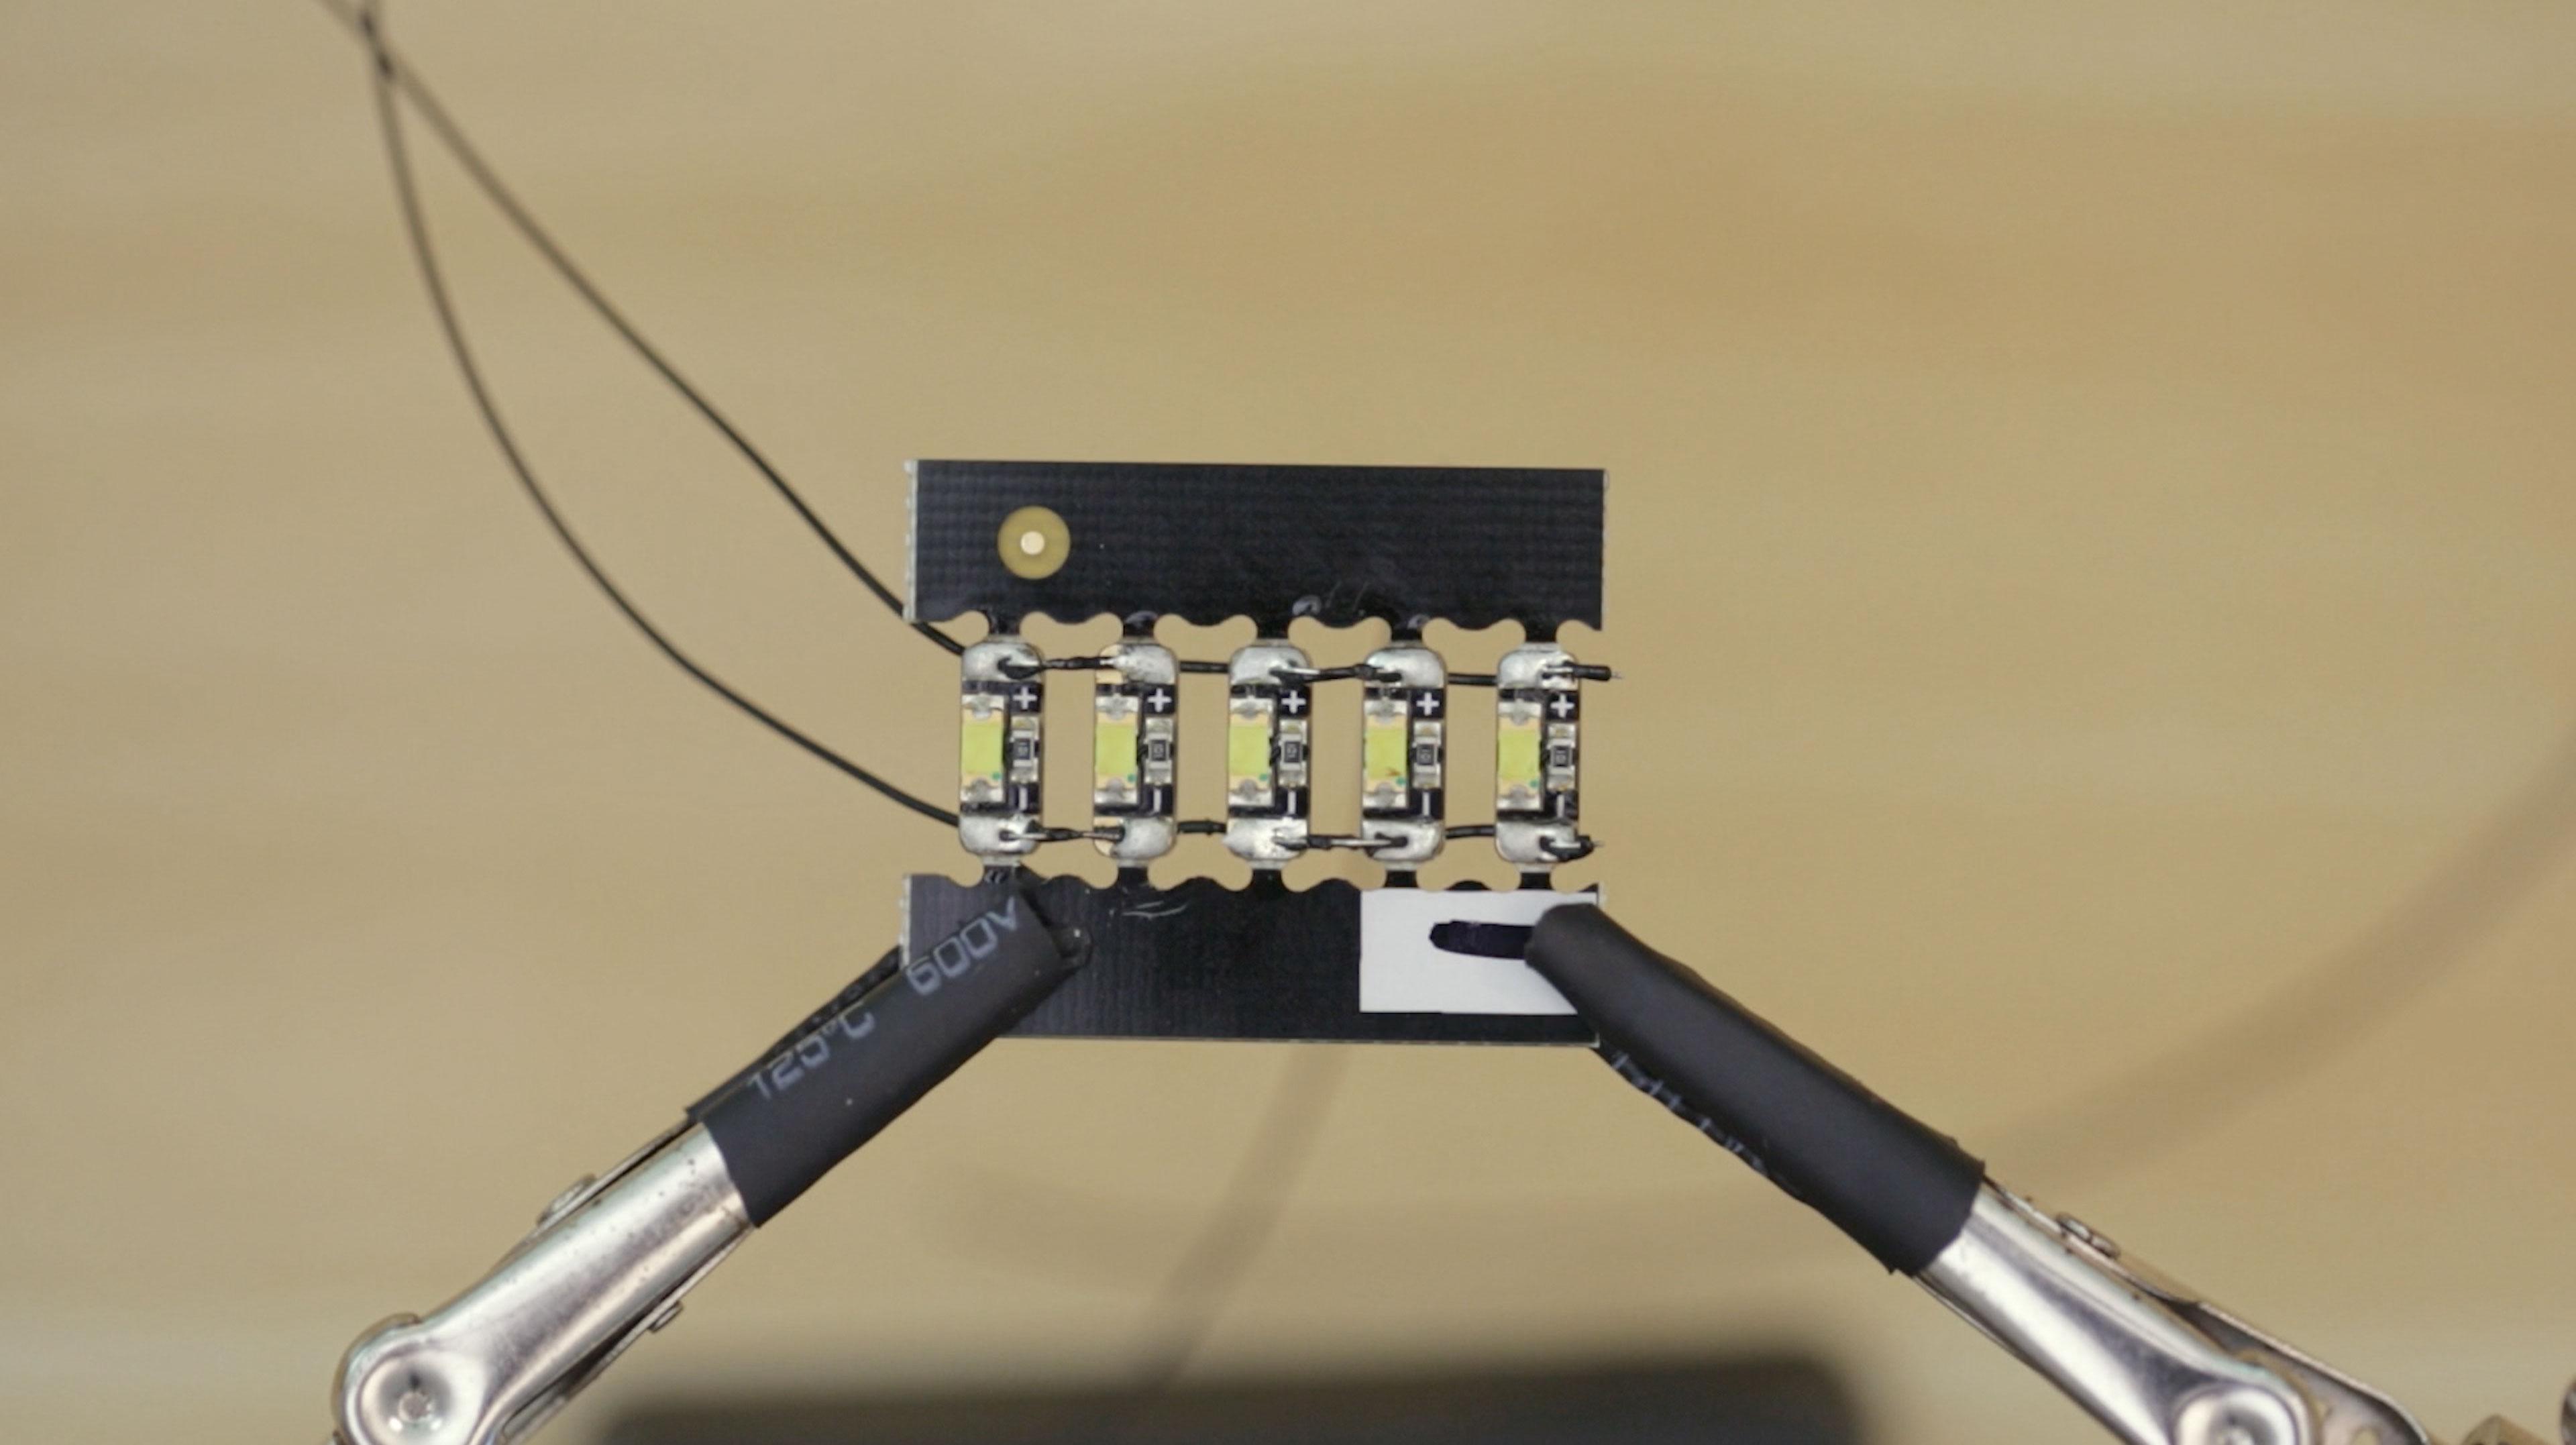 leds_soldered-led.jpg